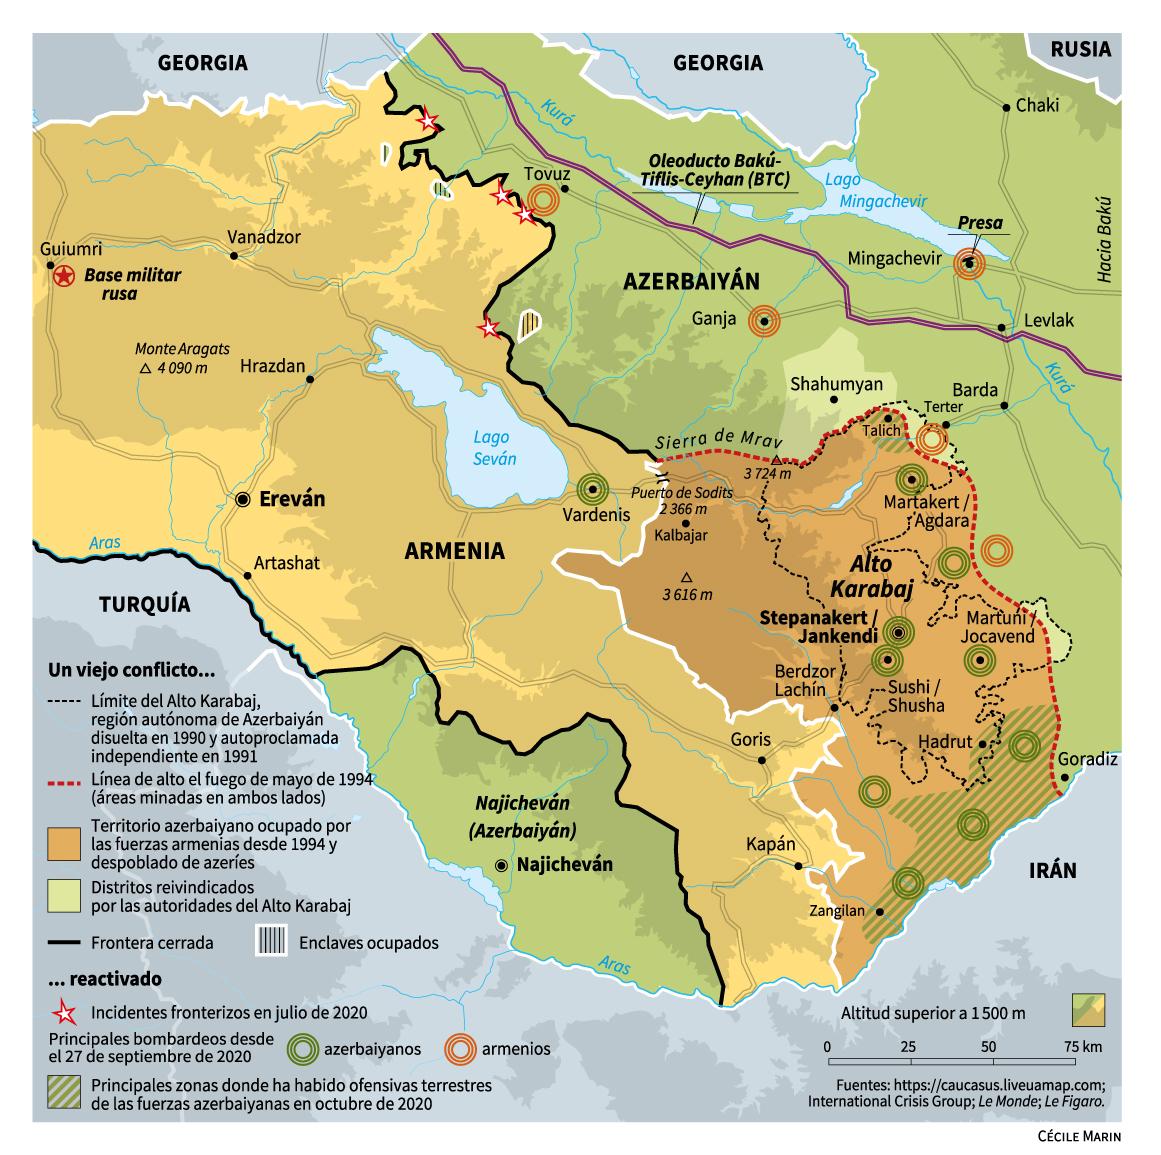 Azerbaiyán, Armenia y Alto Karabaj. - Página 5 Armenia_azerbaiyan